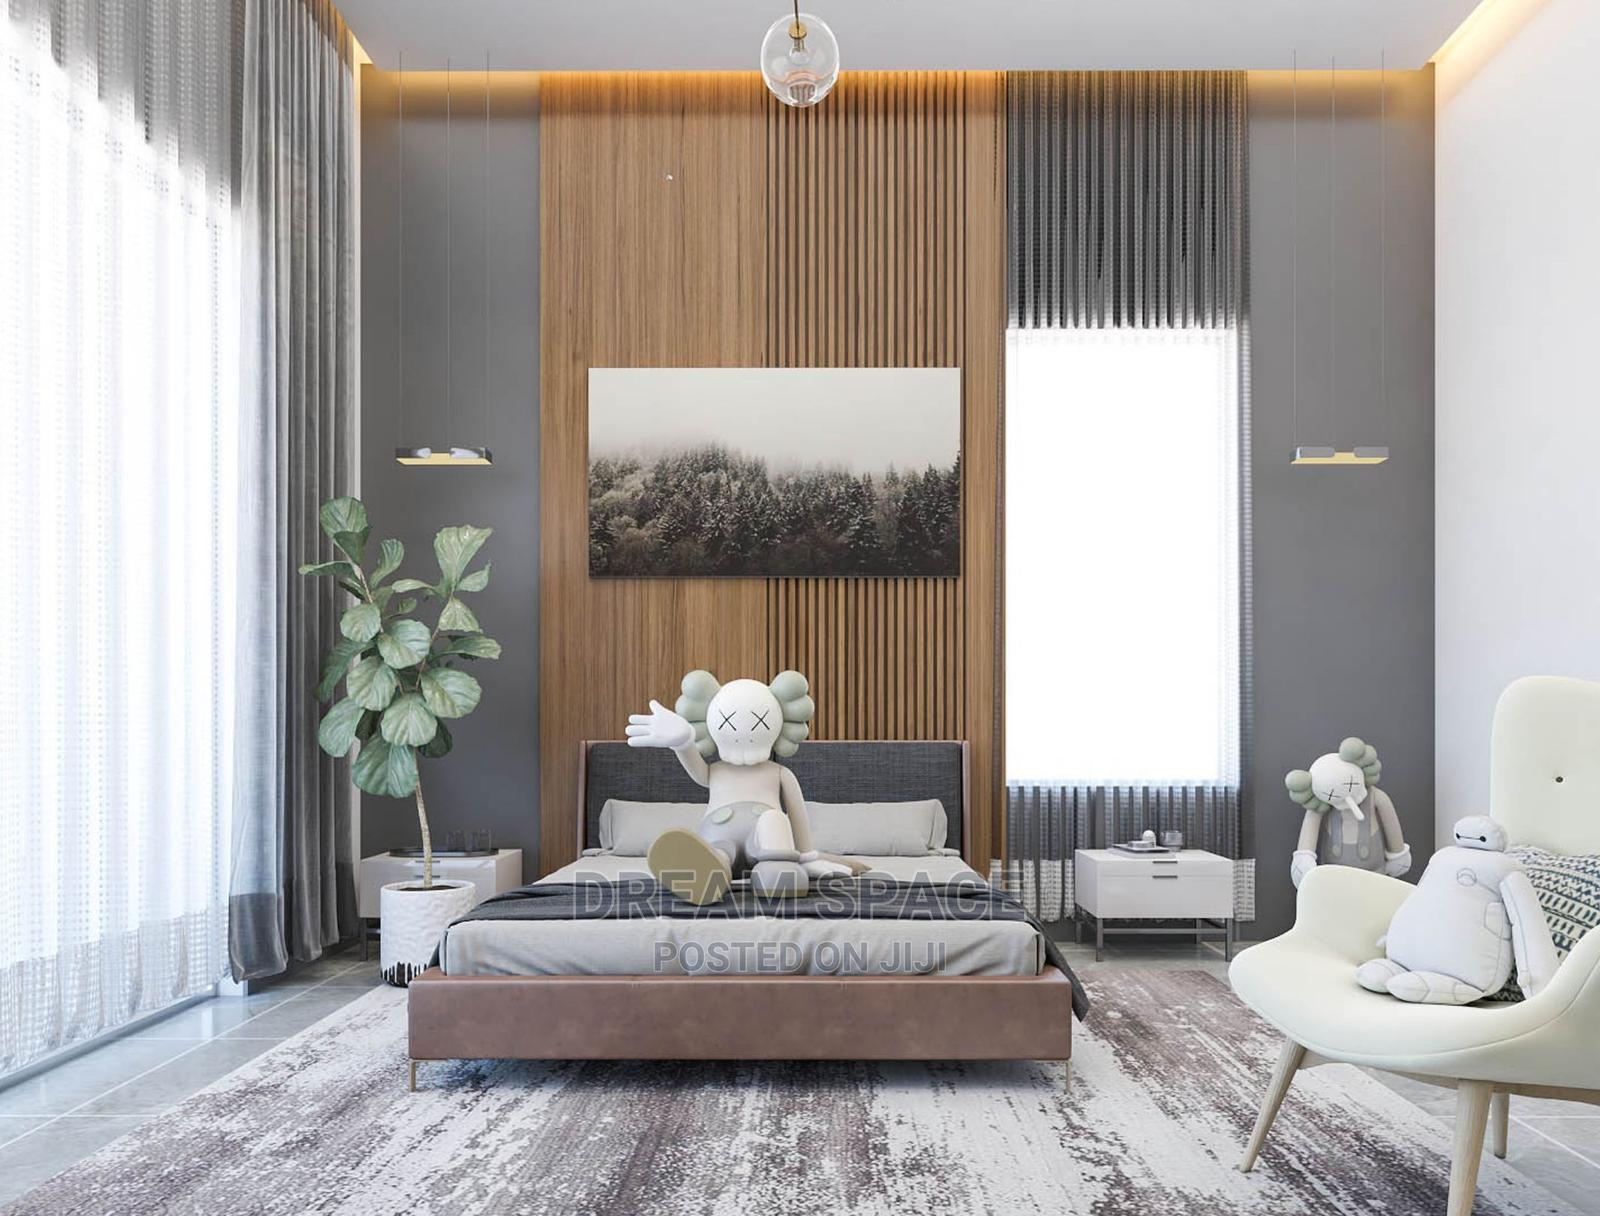 4bdrm Duplex in Dreamville, Lekki Expressway for Sale | Houses & Apartments For Sale for sale in Lekki Expressway, Lekki, Nigeria